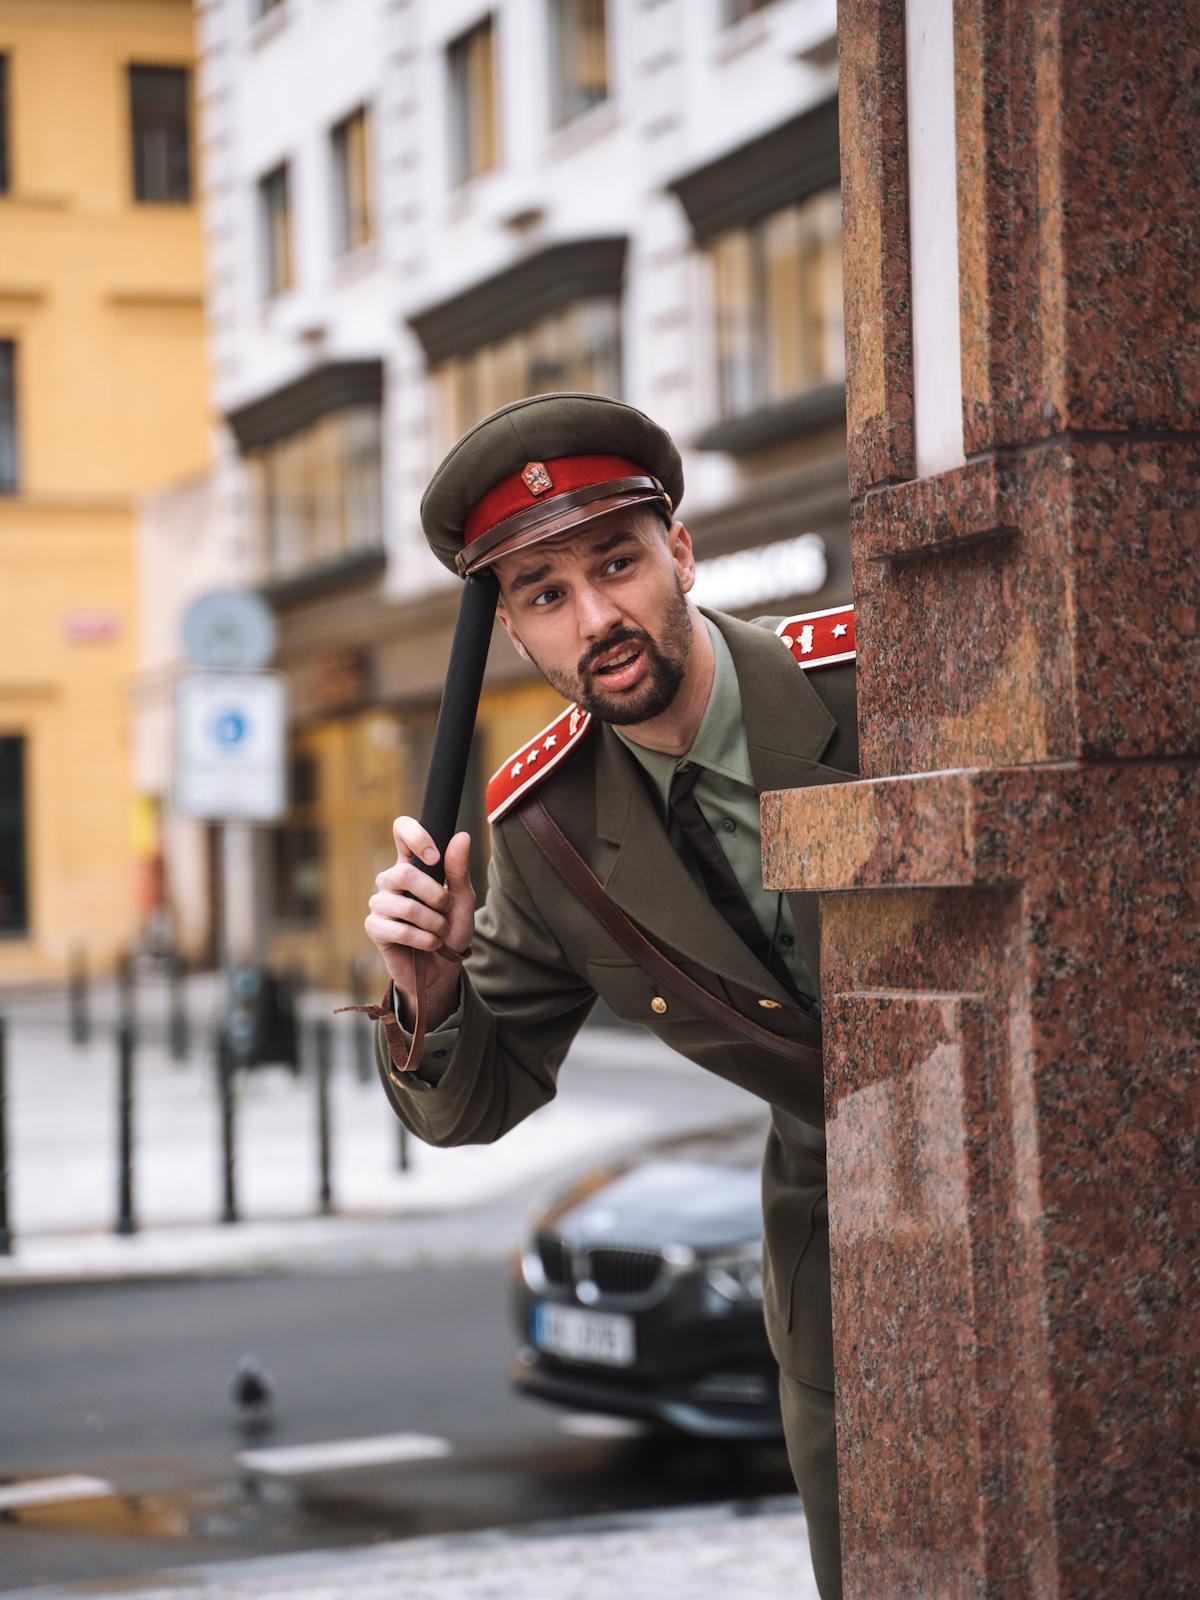 Jonáš Čumrik jako soudruh Jonáš na TikToku s nadsázkou přibližoval realitu minulého režimu, v kampani pro Díky, že můžem